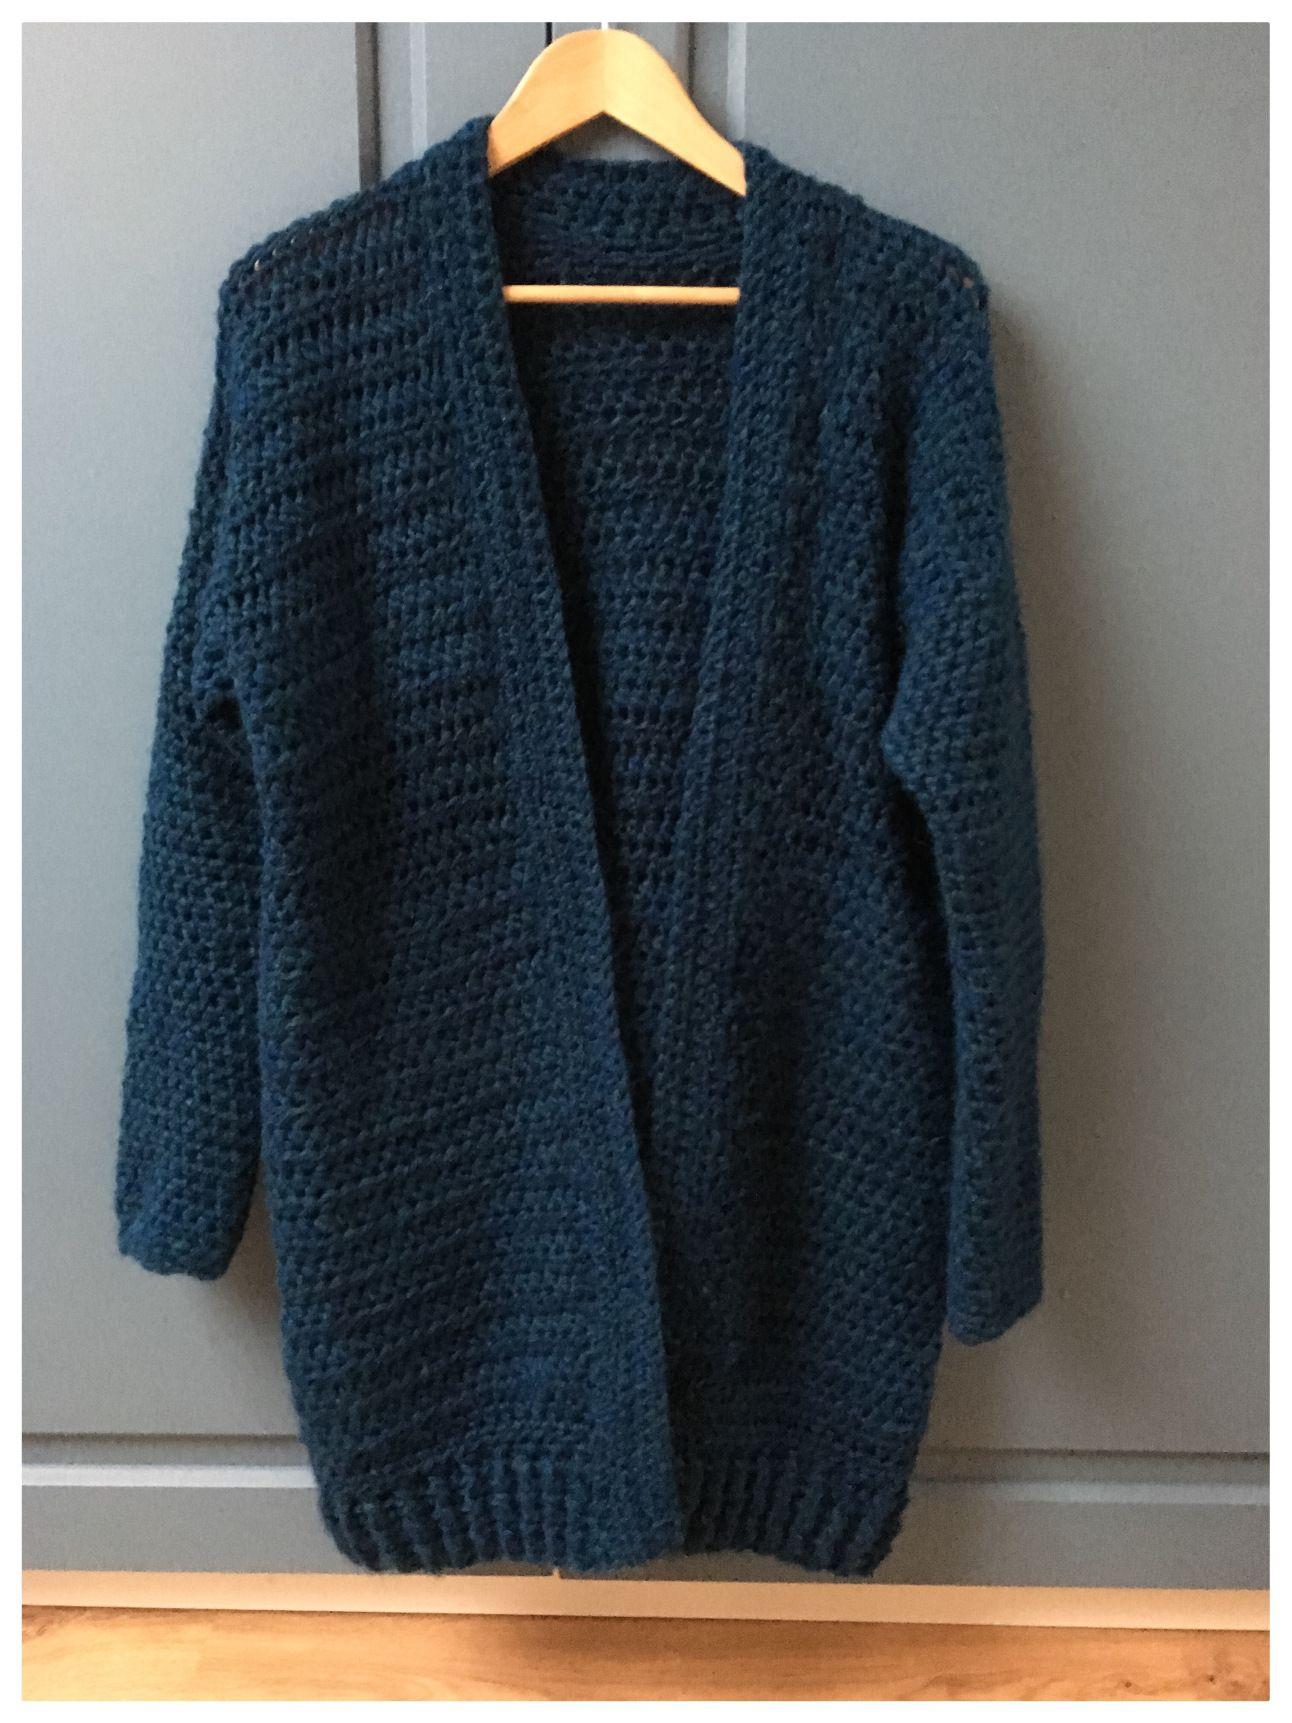 Vest Haken Zonder Patroon Crearies Crochet Crochet Crochet